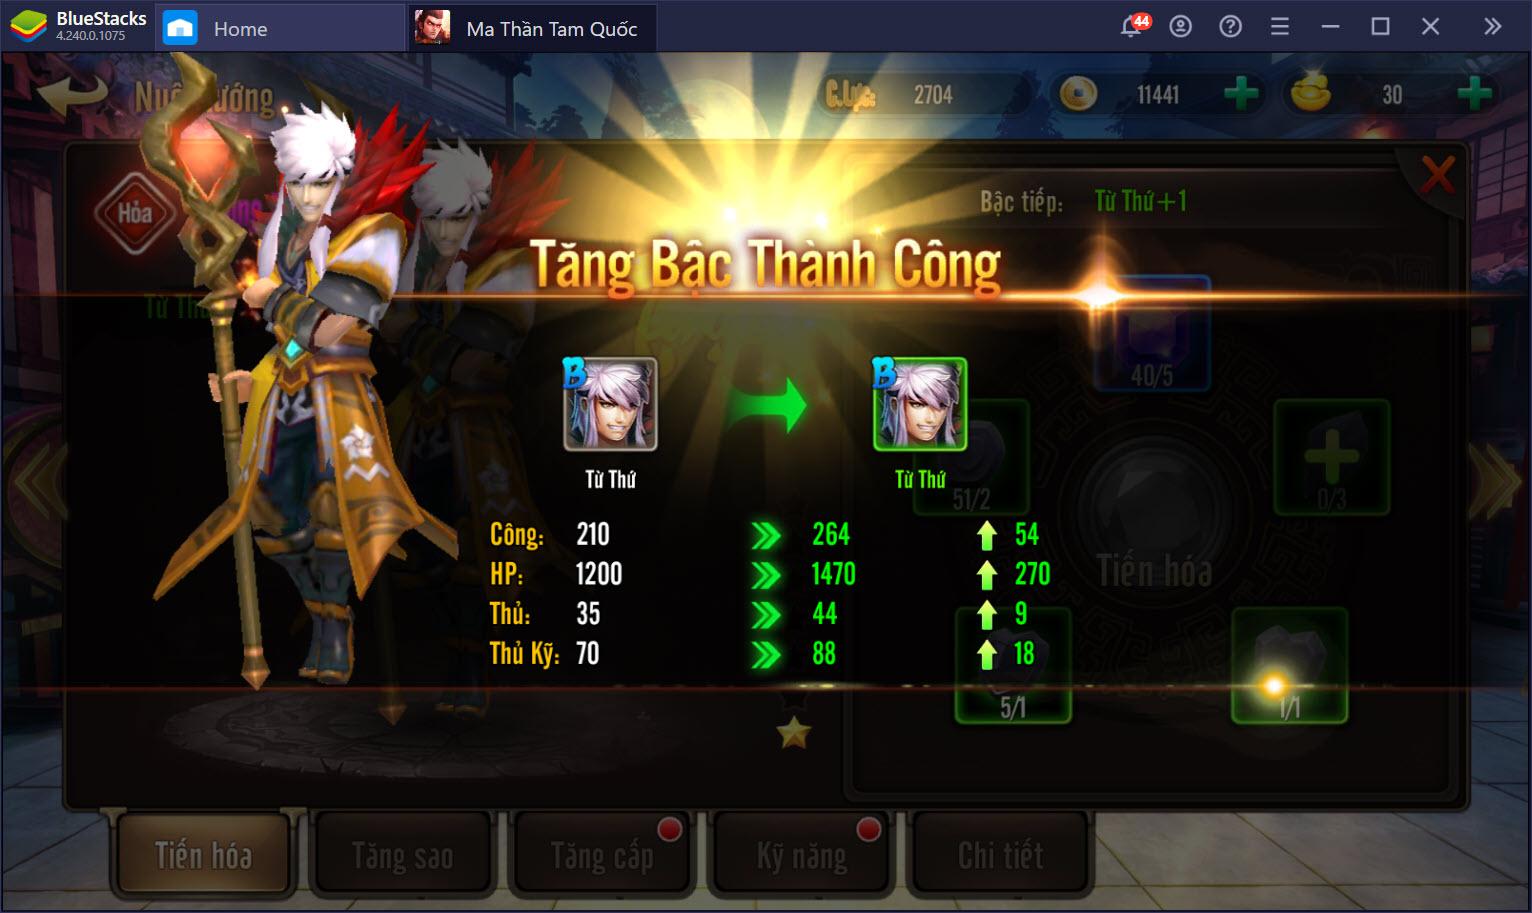 Cách nâng cấp, gia tăng hạng và chiêu mộ tướng trong Ma Thần Tam Quốc